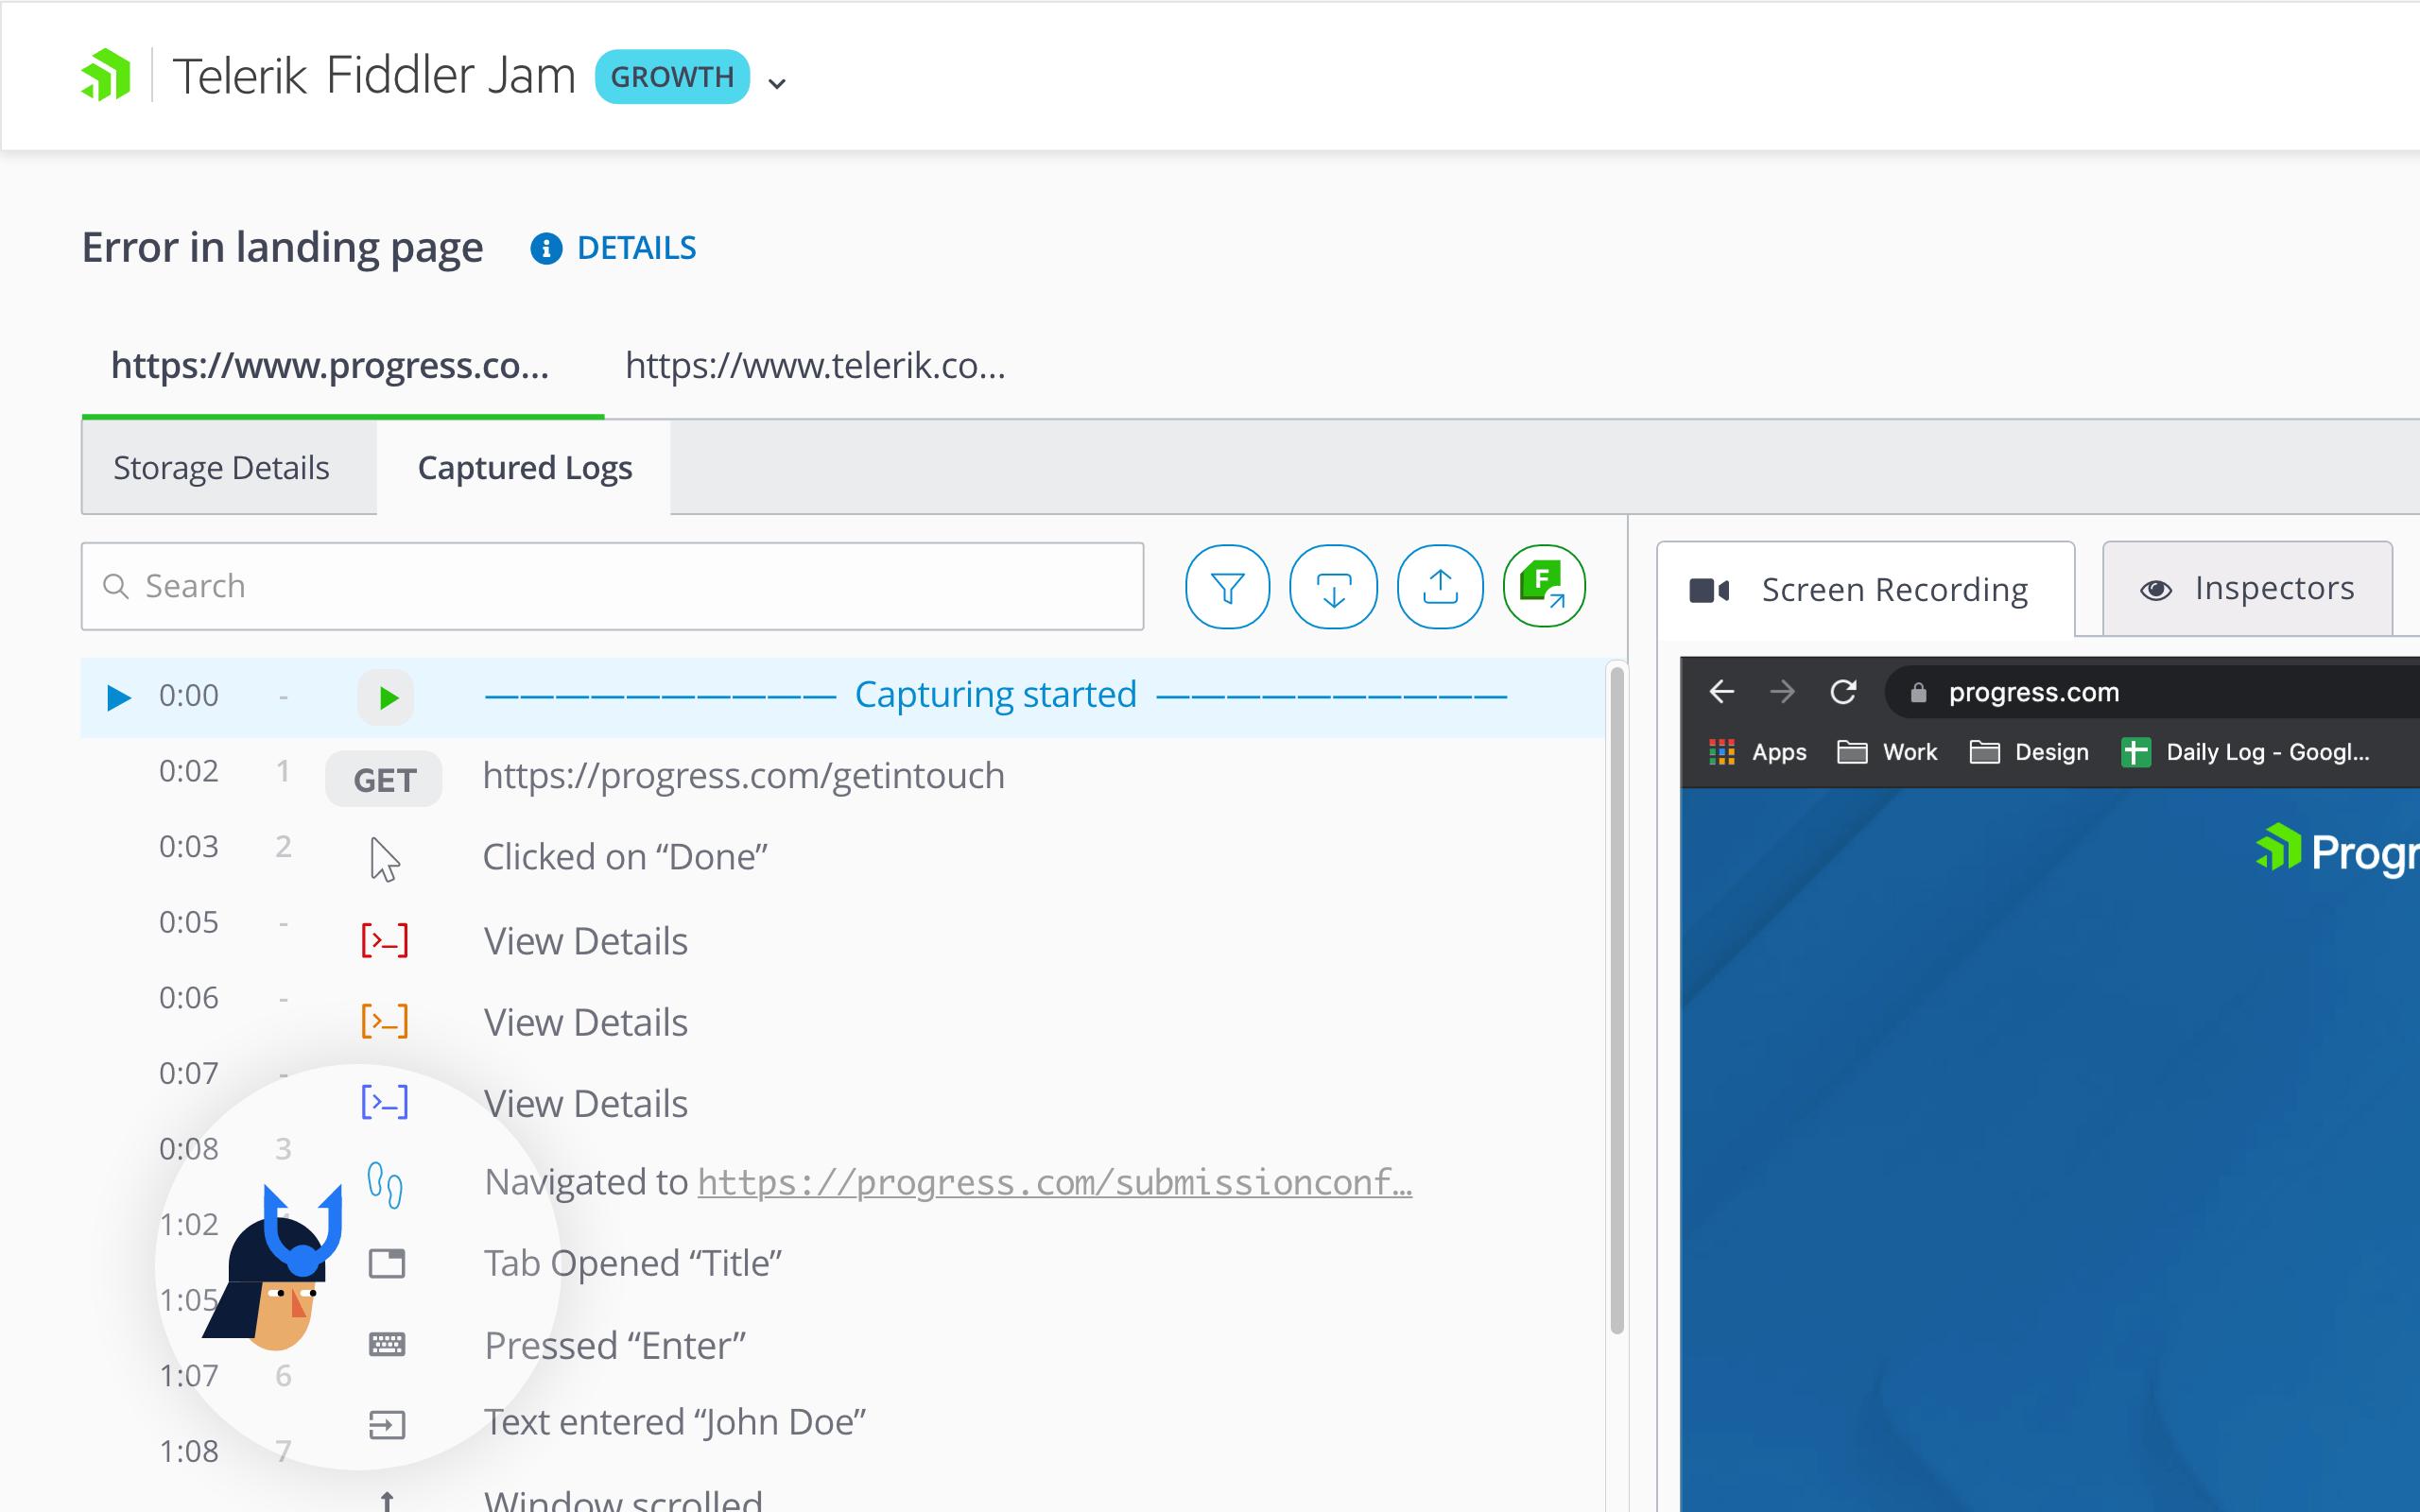 Fiddler Jam - User Events Capture Log